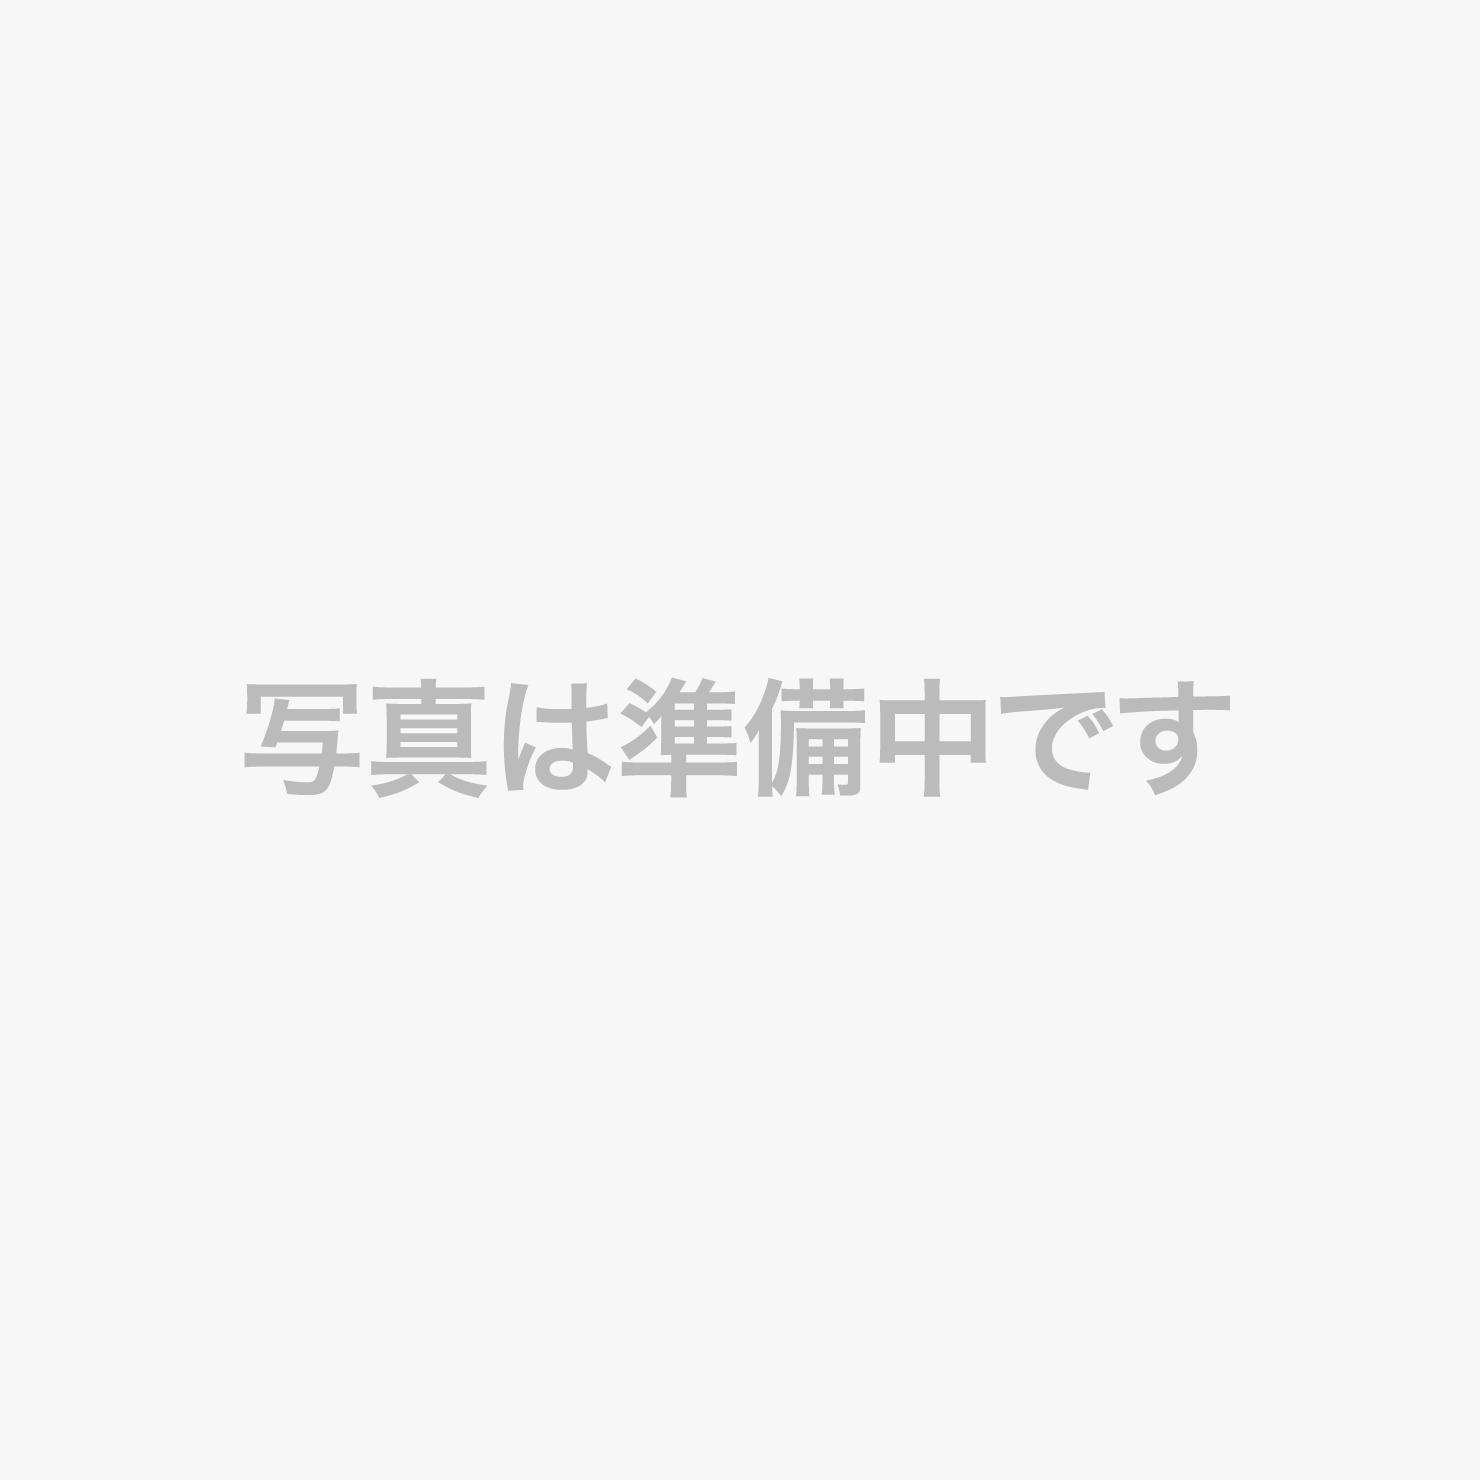 御祝い膳(イメージ)